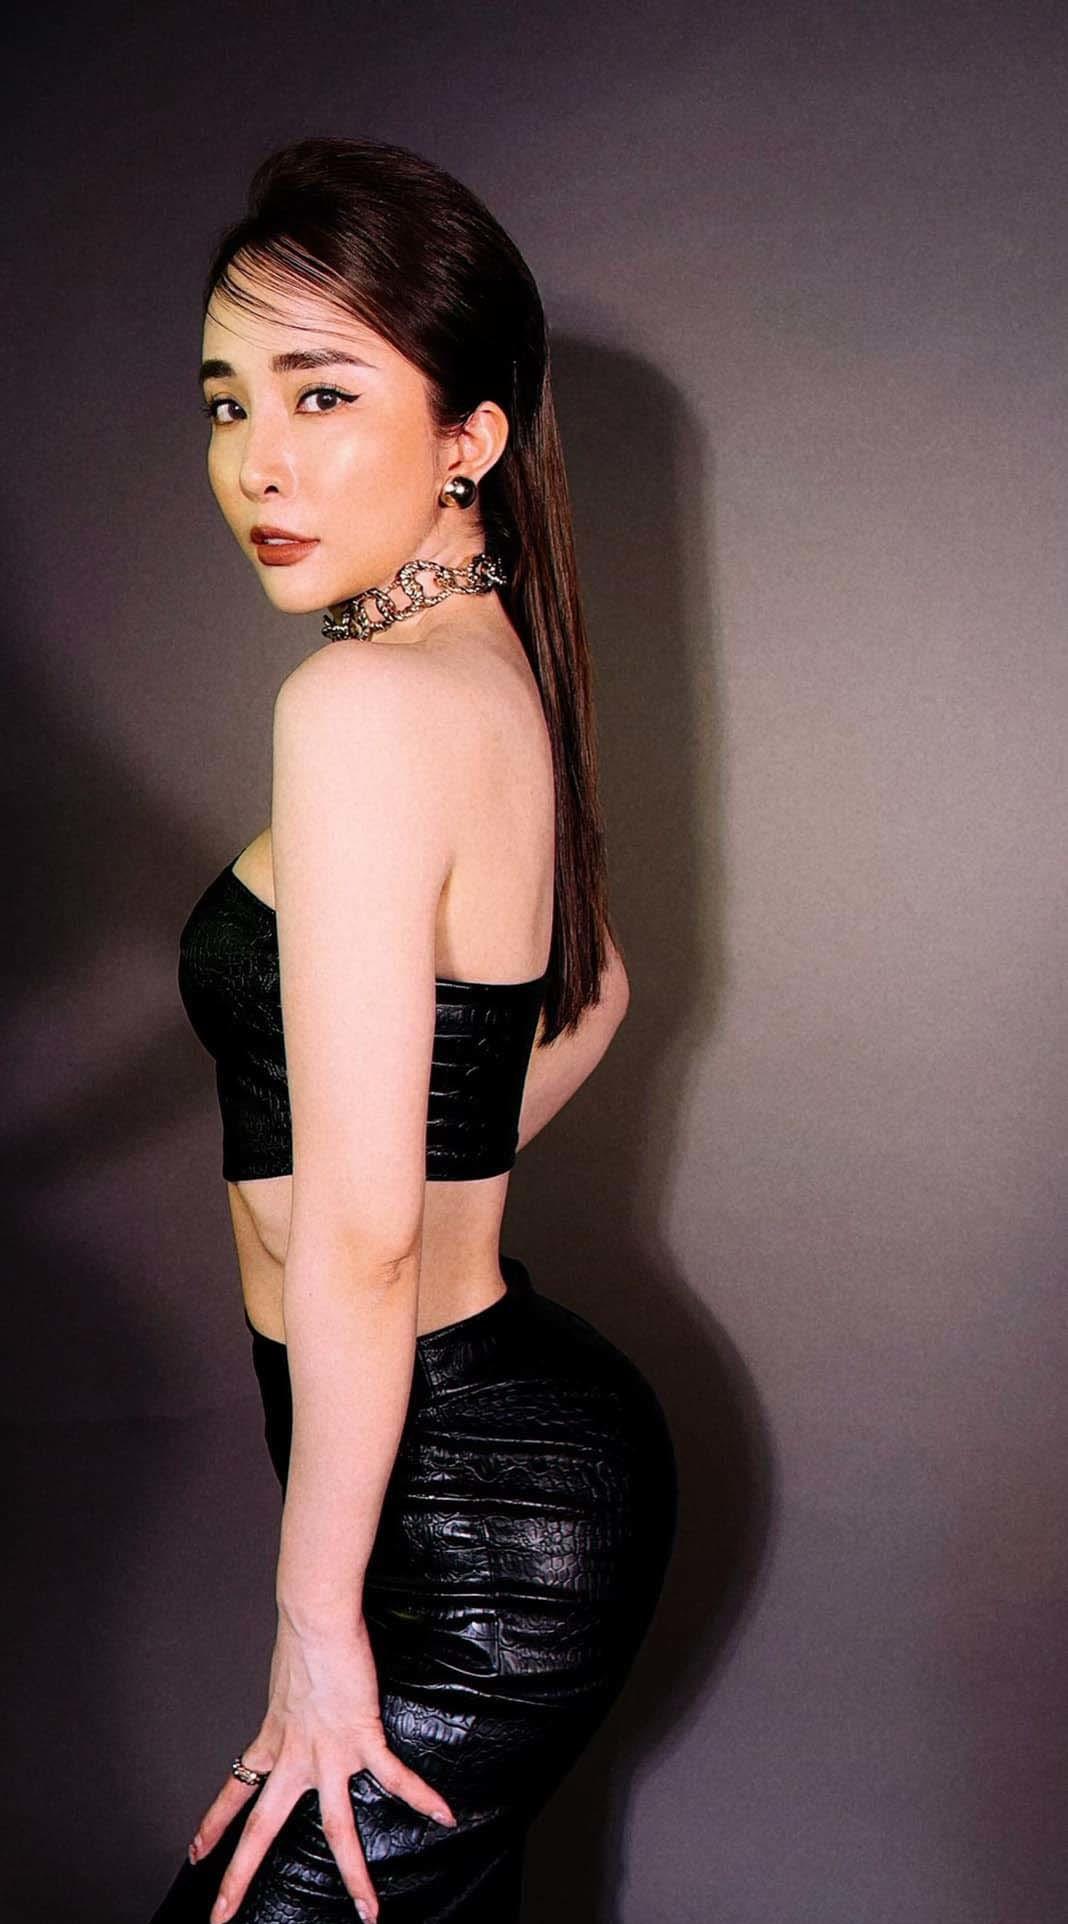 Quỳnh Nga đẹp mặn mà, quyến rũ ở tuổi 33